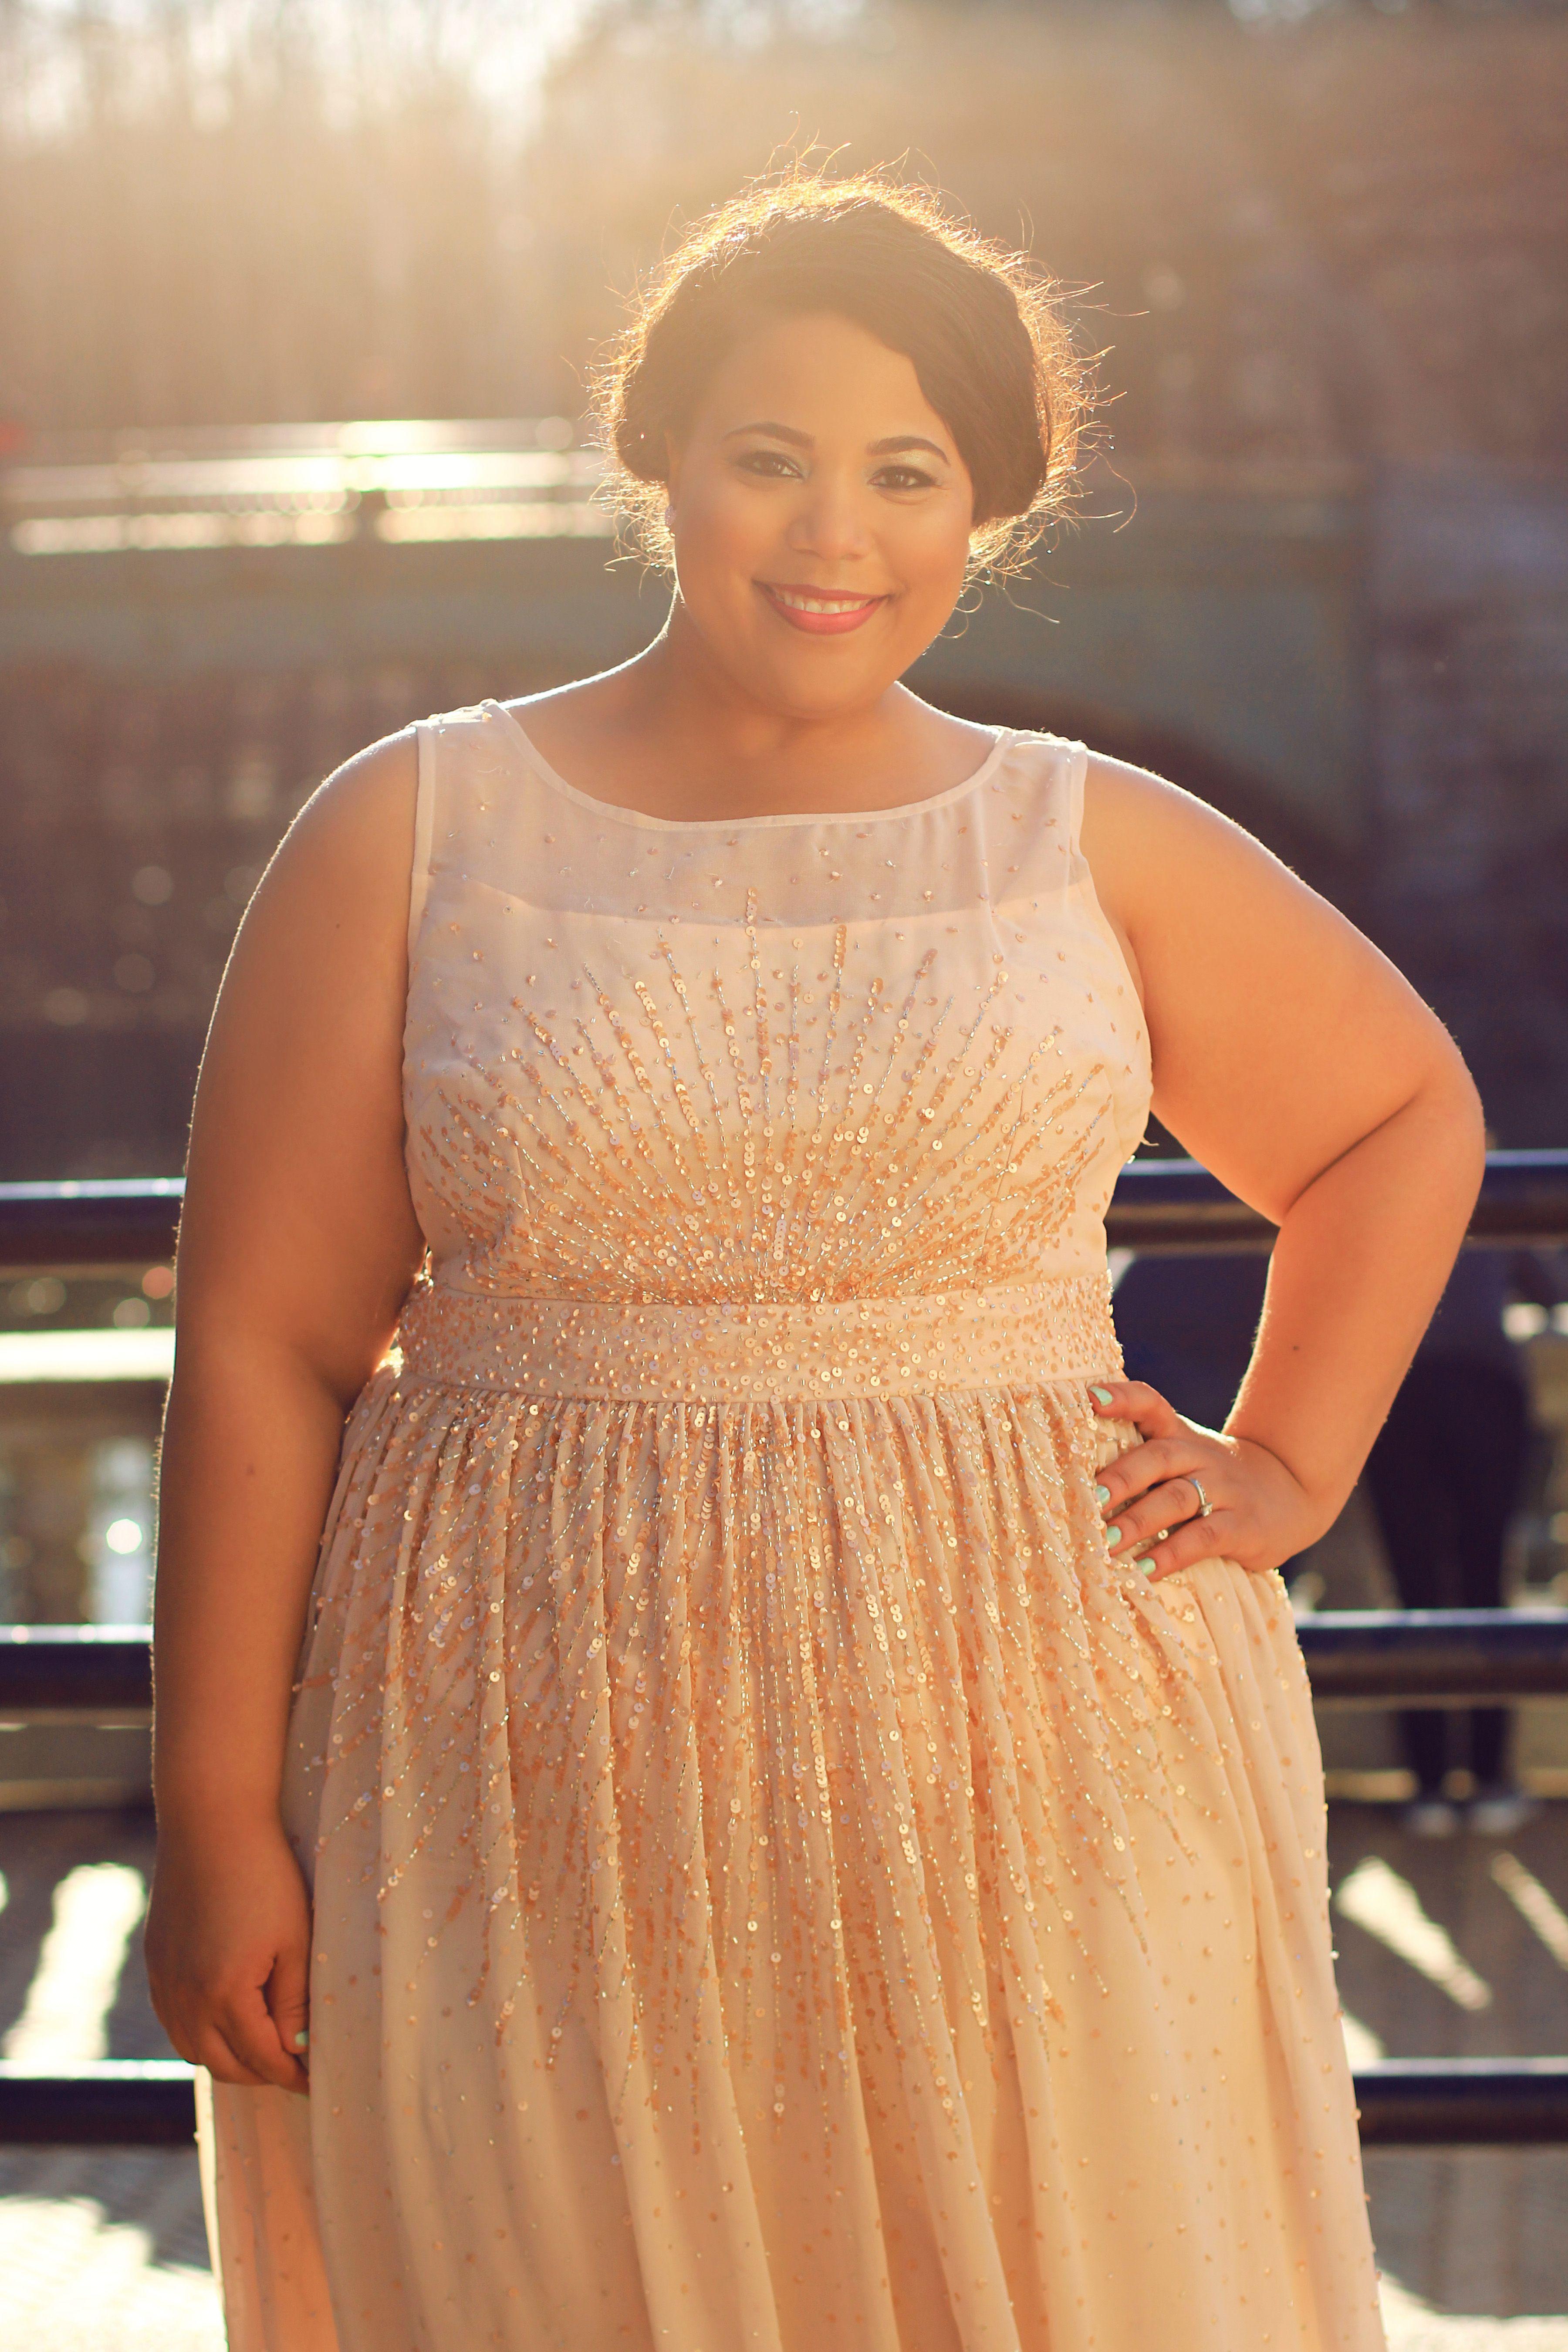 Plus size prom dresses tumblr